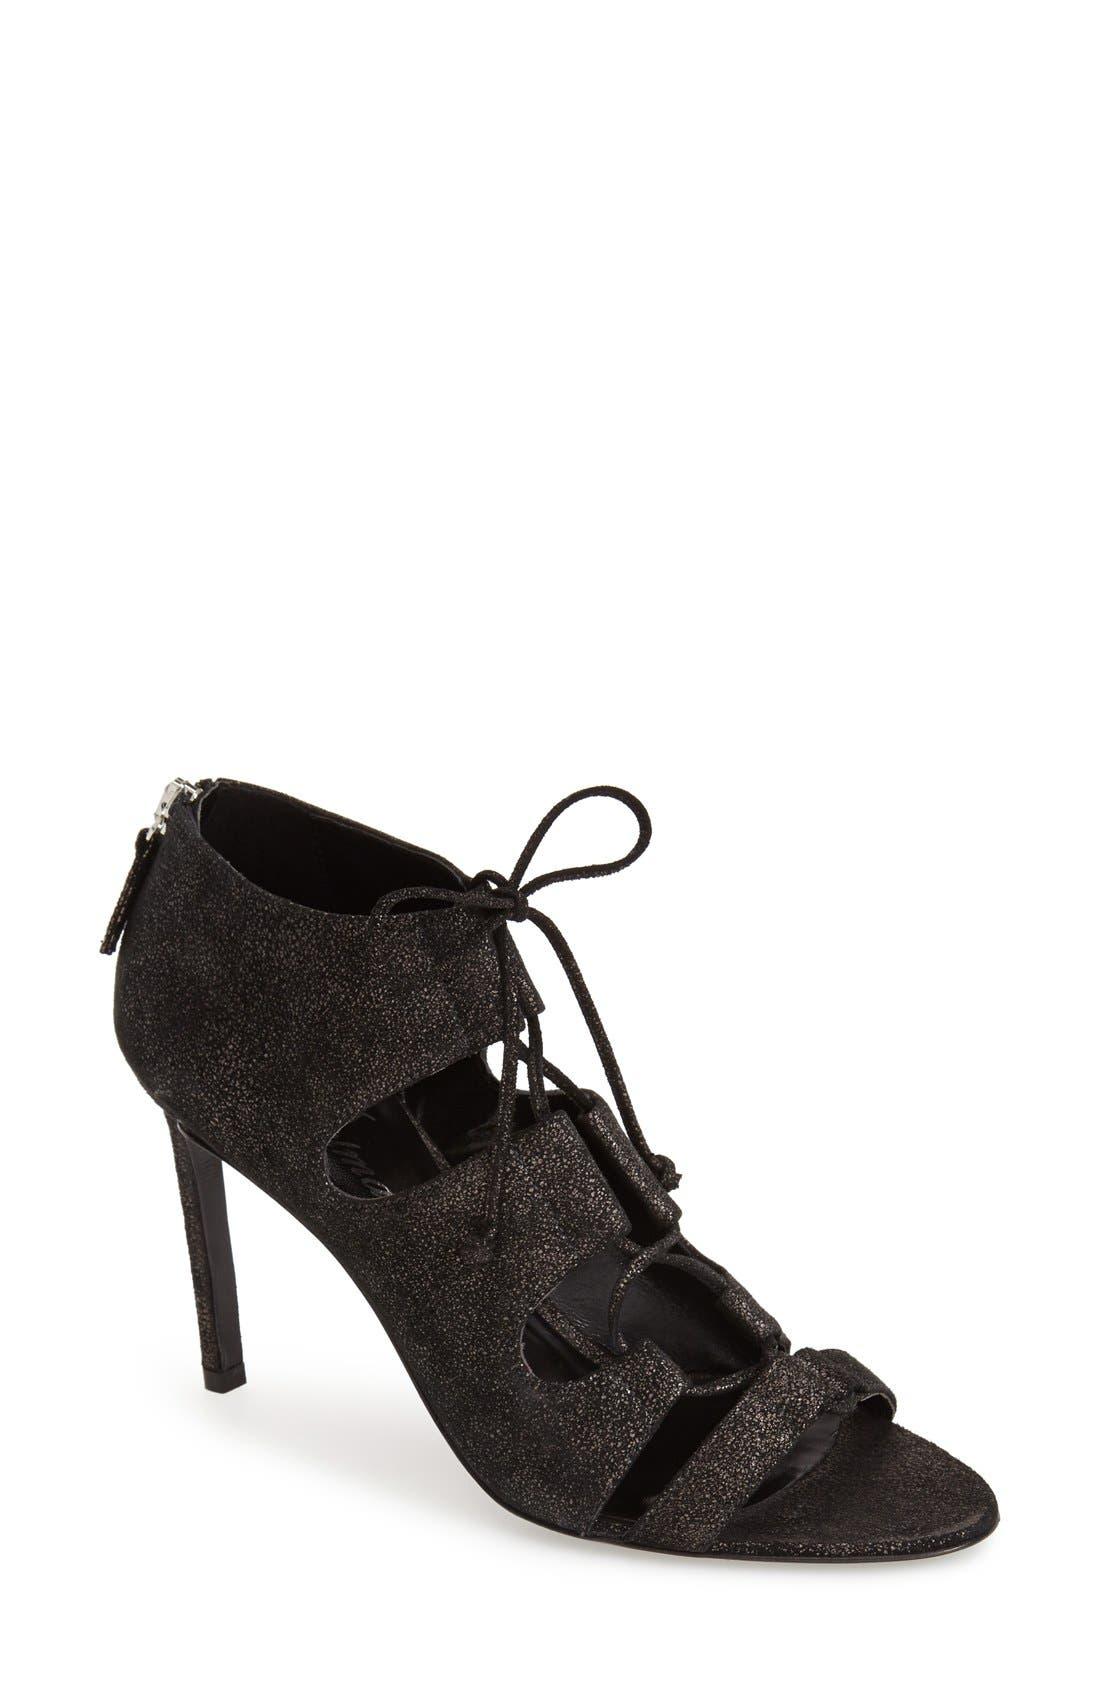 Main Image - Delman 'Jolie' Lace-Up Sandal (Women)